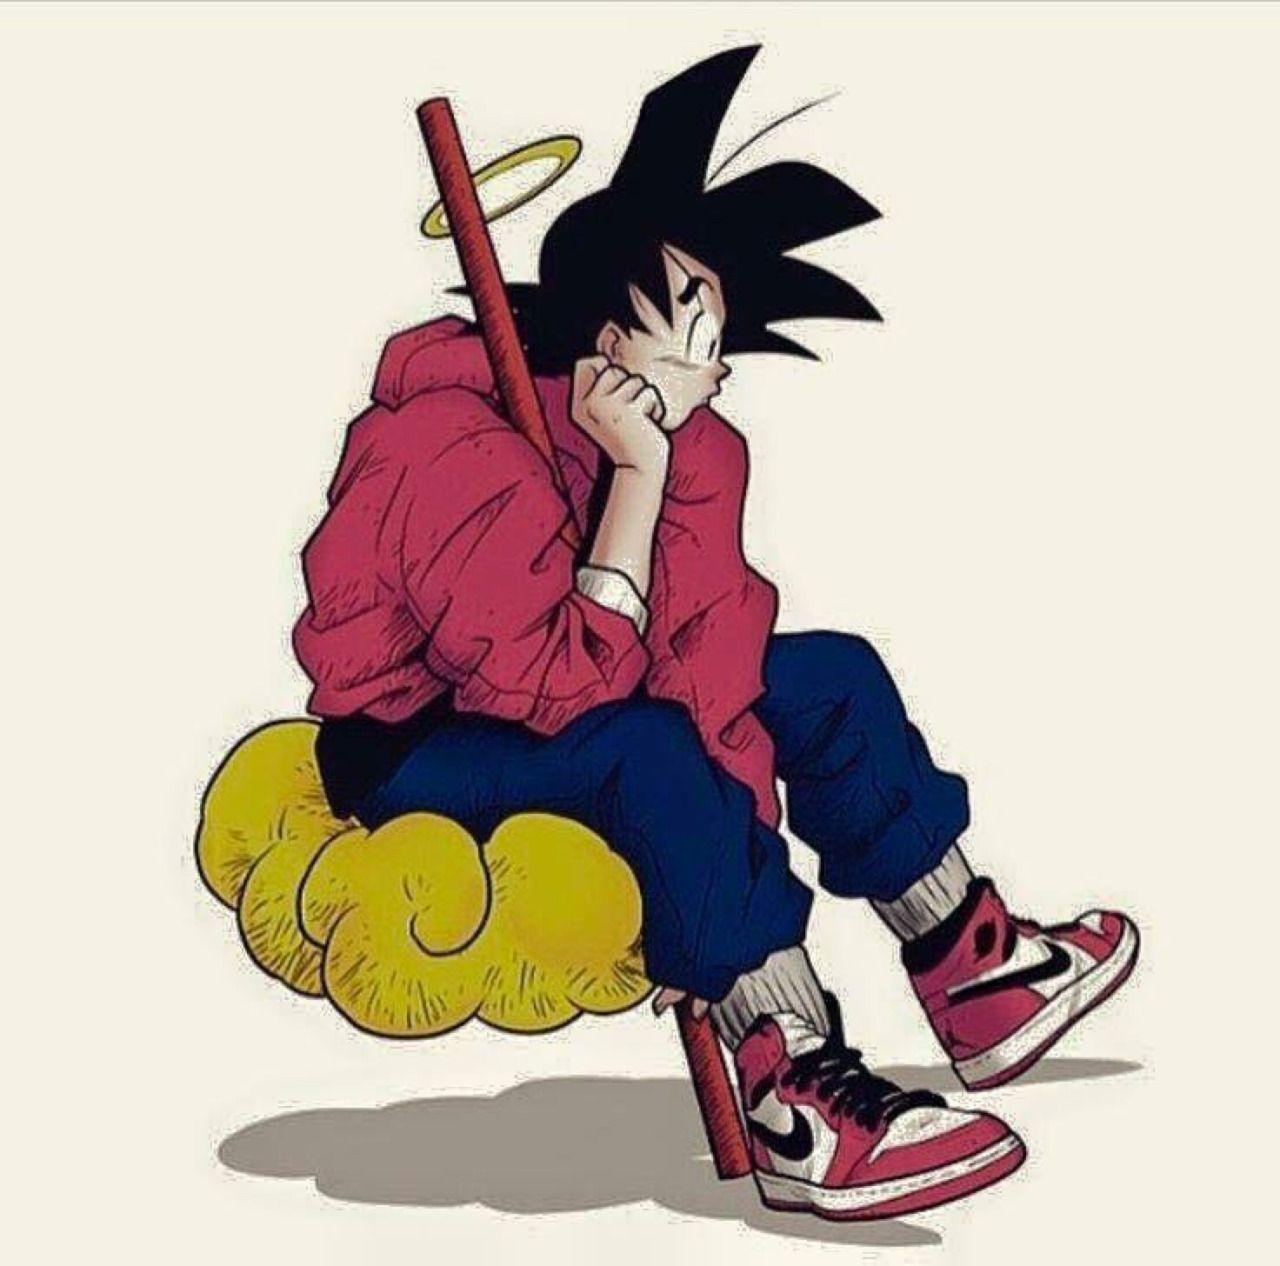 Supreme Goku With Images Goku Wallpaper Dragon Ball